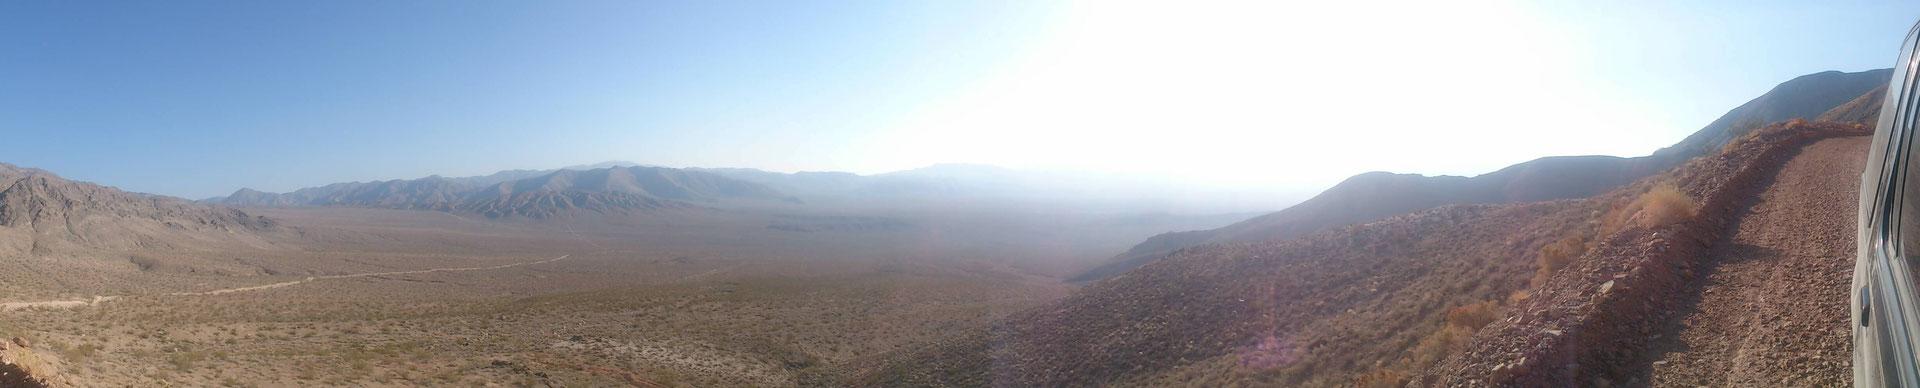 Die Piste durchs nördliche Death Valley